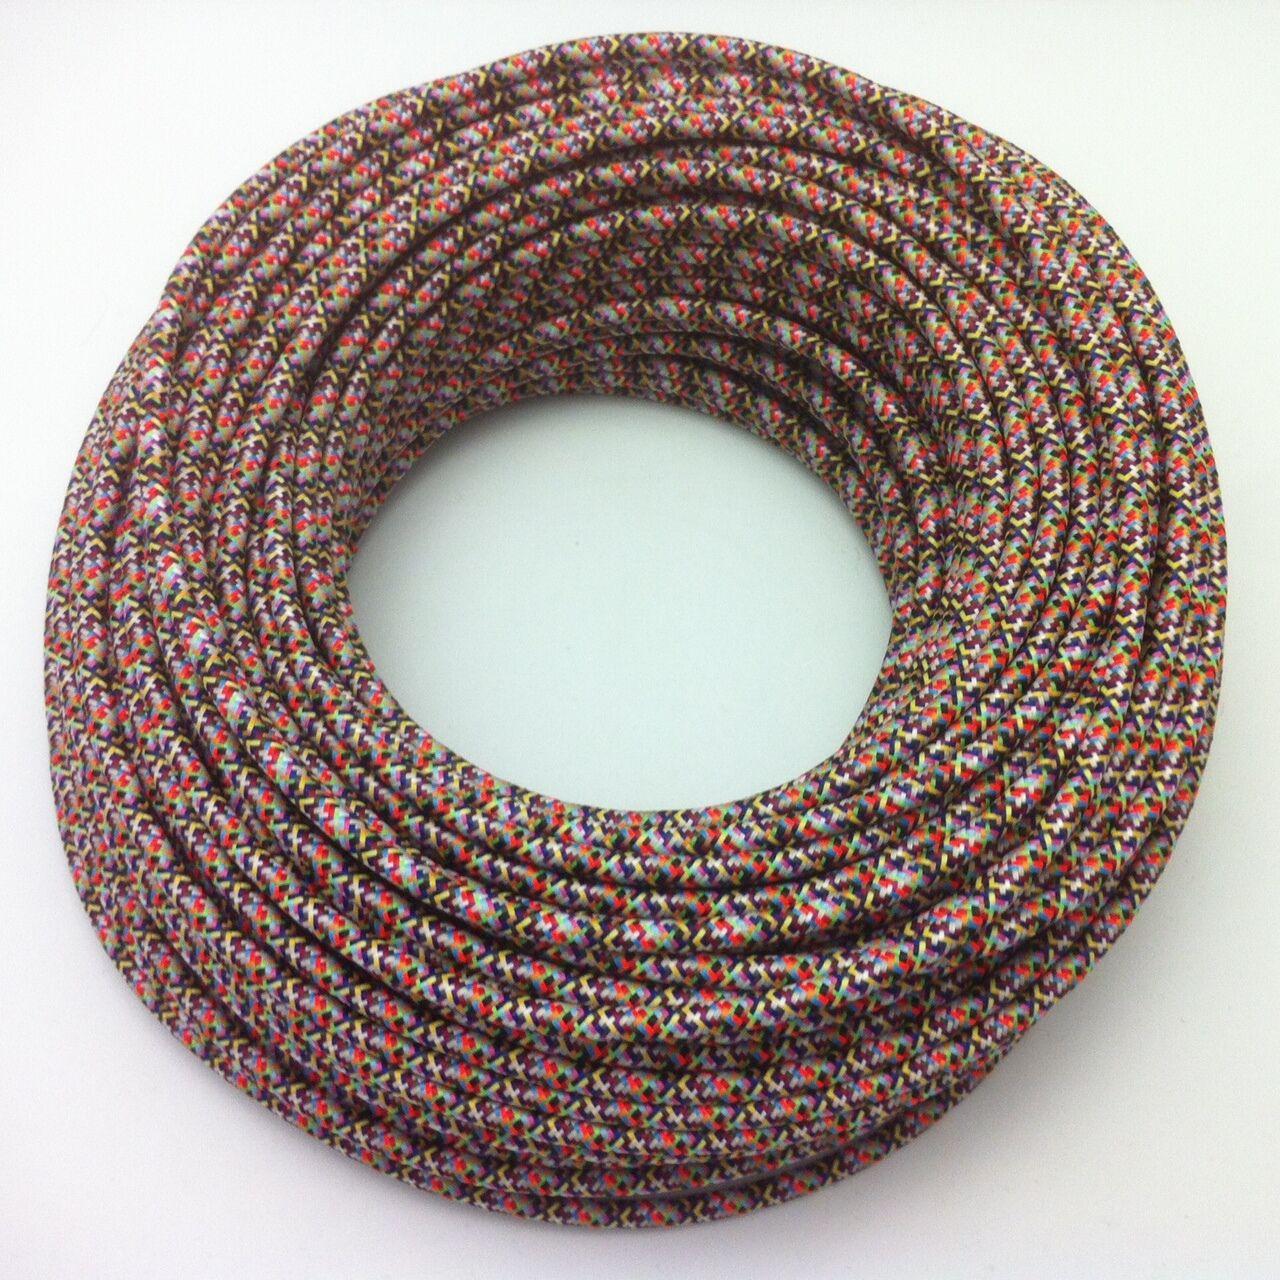 50m design textile Cable, 3x0,75, multiCouleur, top ue qualité, tissu Cable